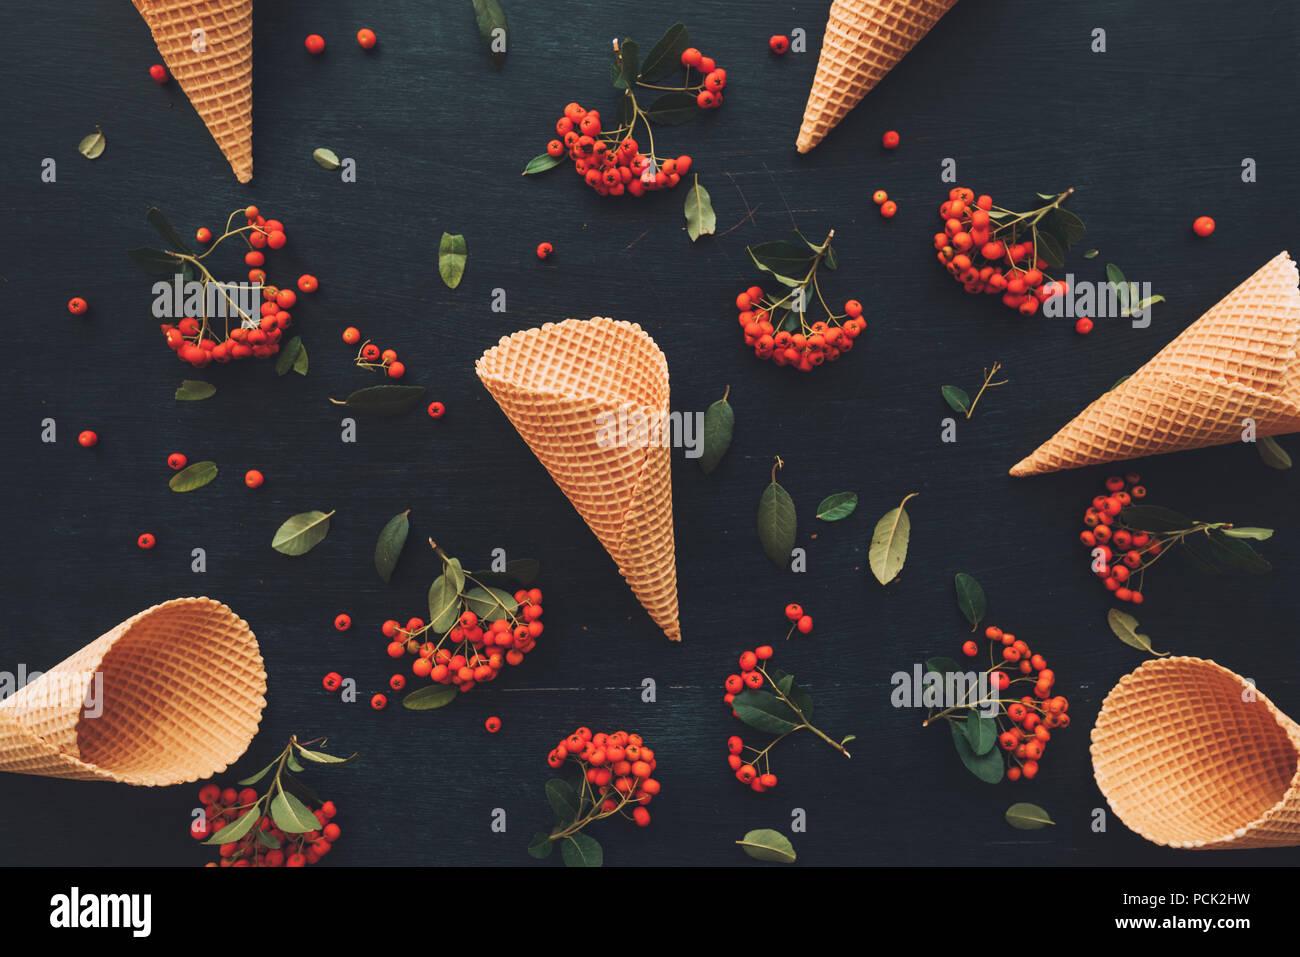 Waffel Eiswaffel flach Draufsicht auf dunklen schwarzen Holz- Hintergrund mit Wild Berry Obst Anordnung eingerichtet Stockbild